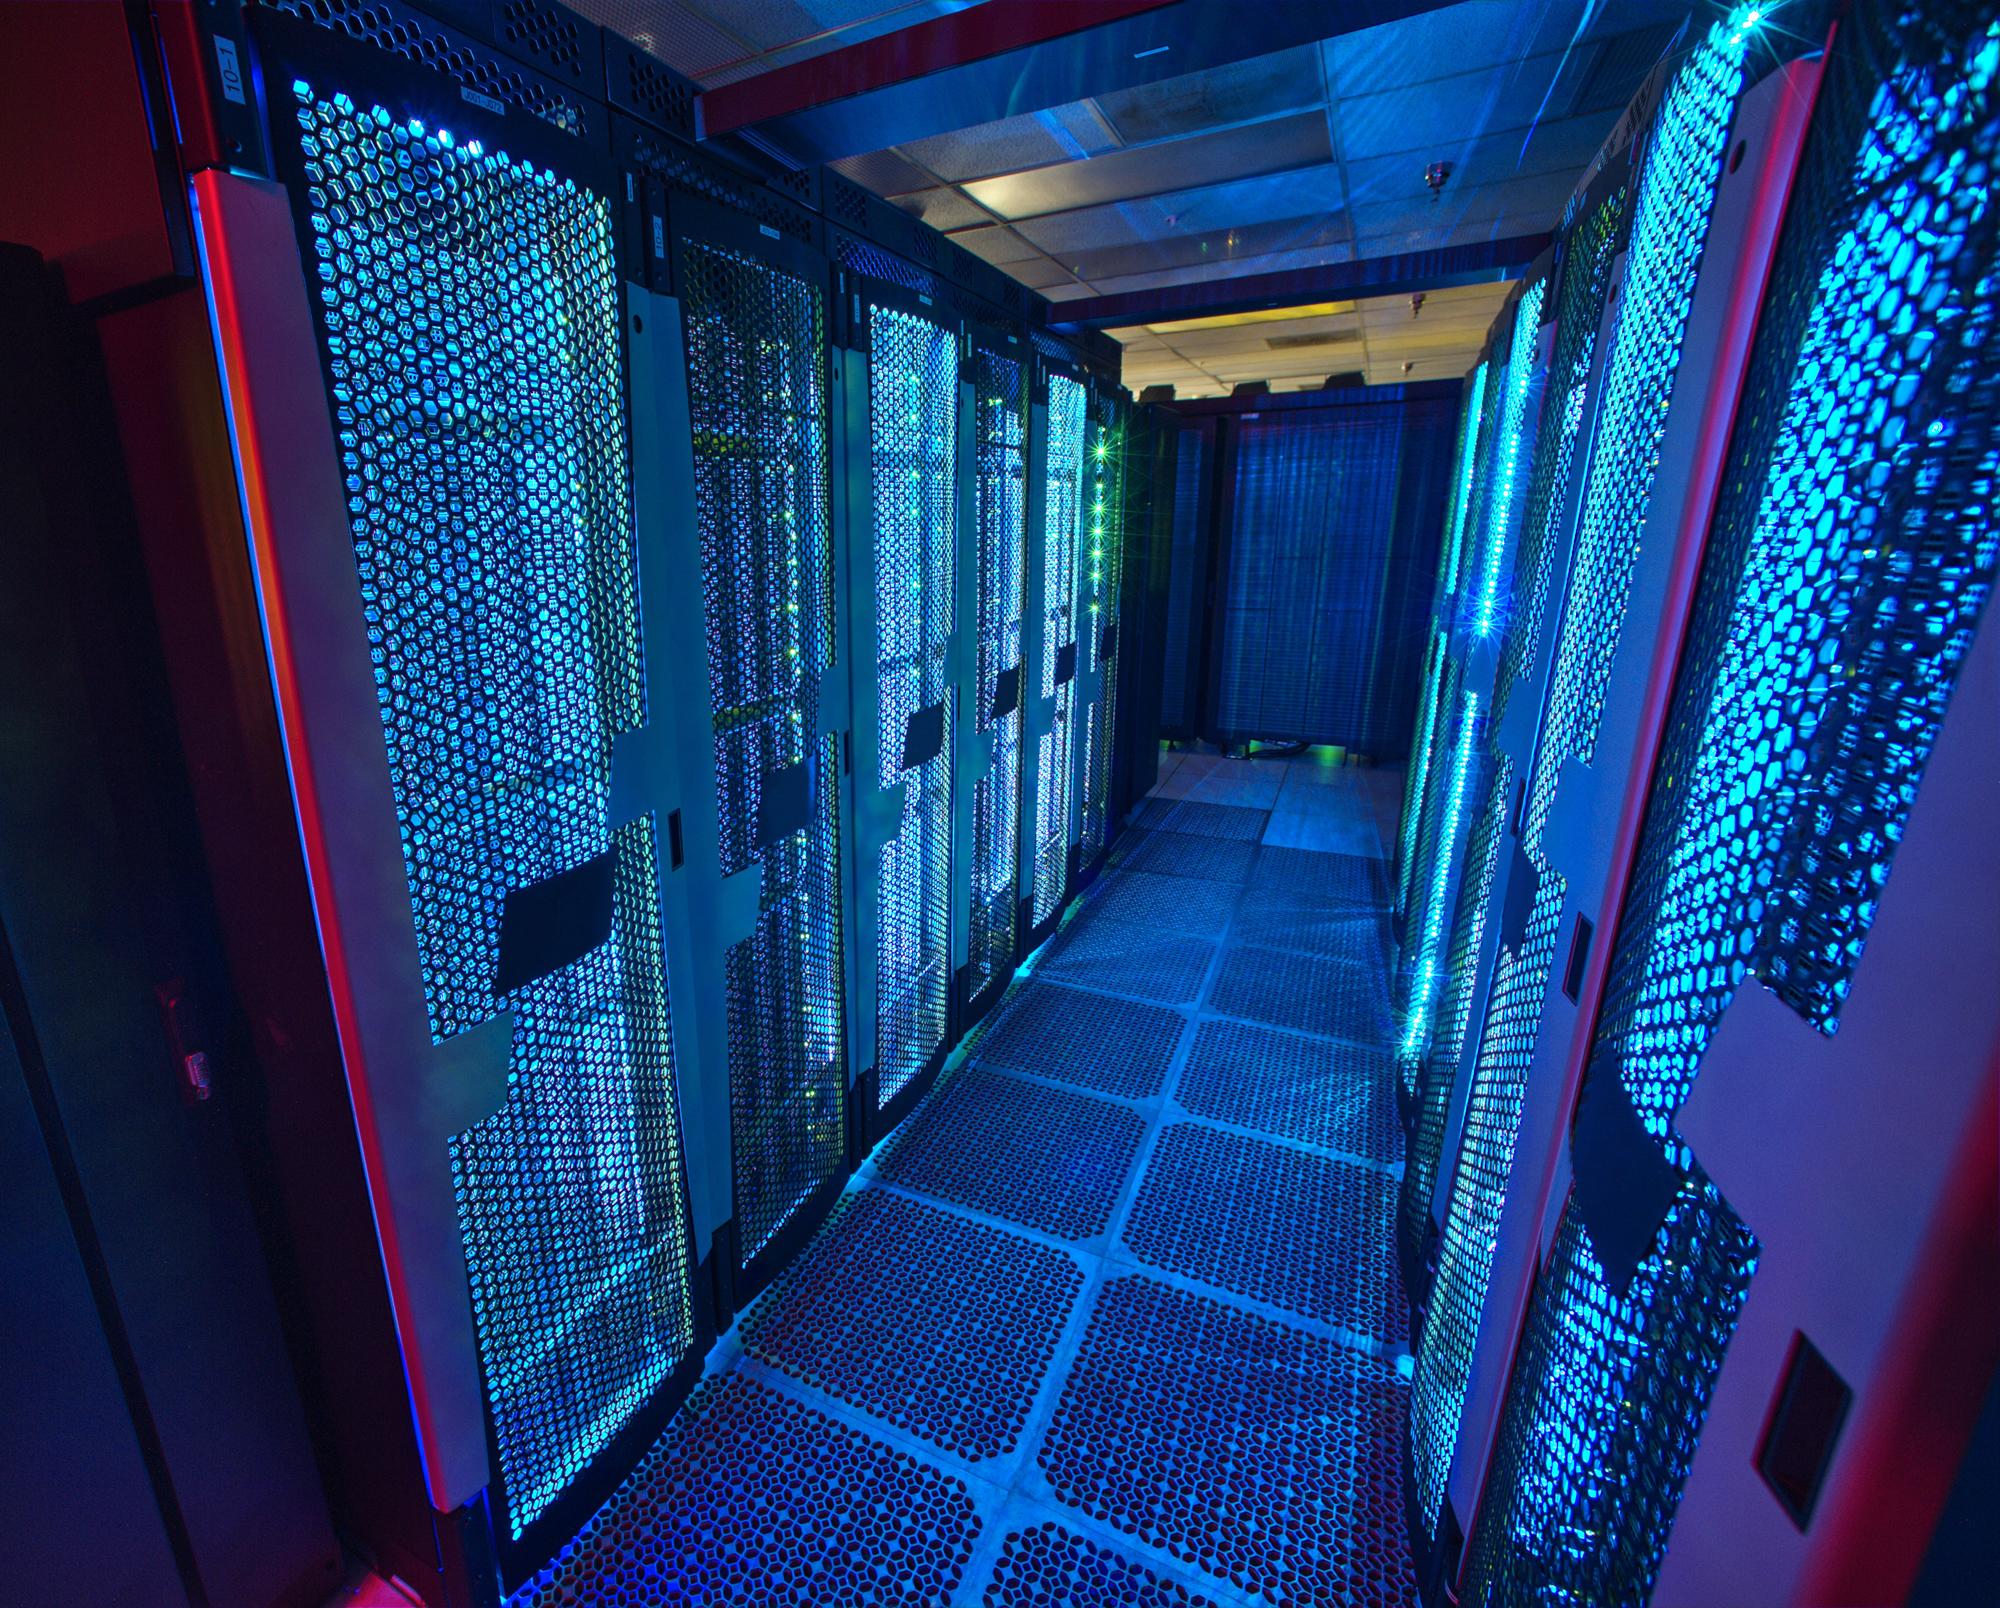 NCCS Discover Supercomputer